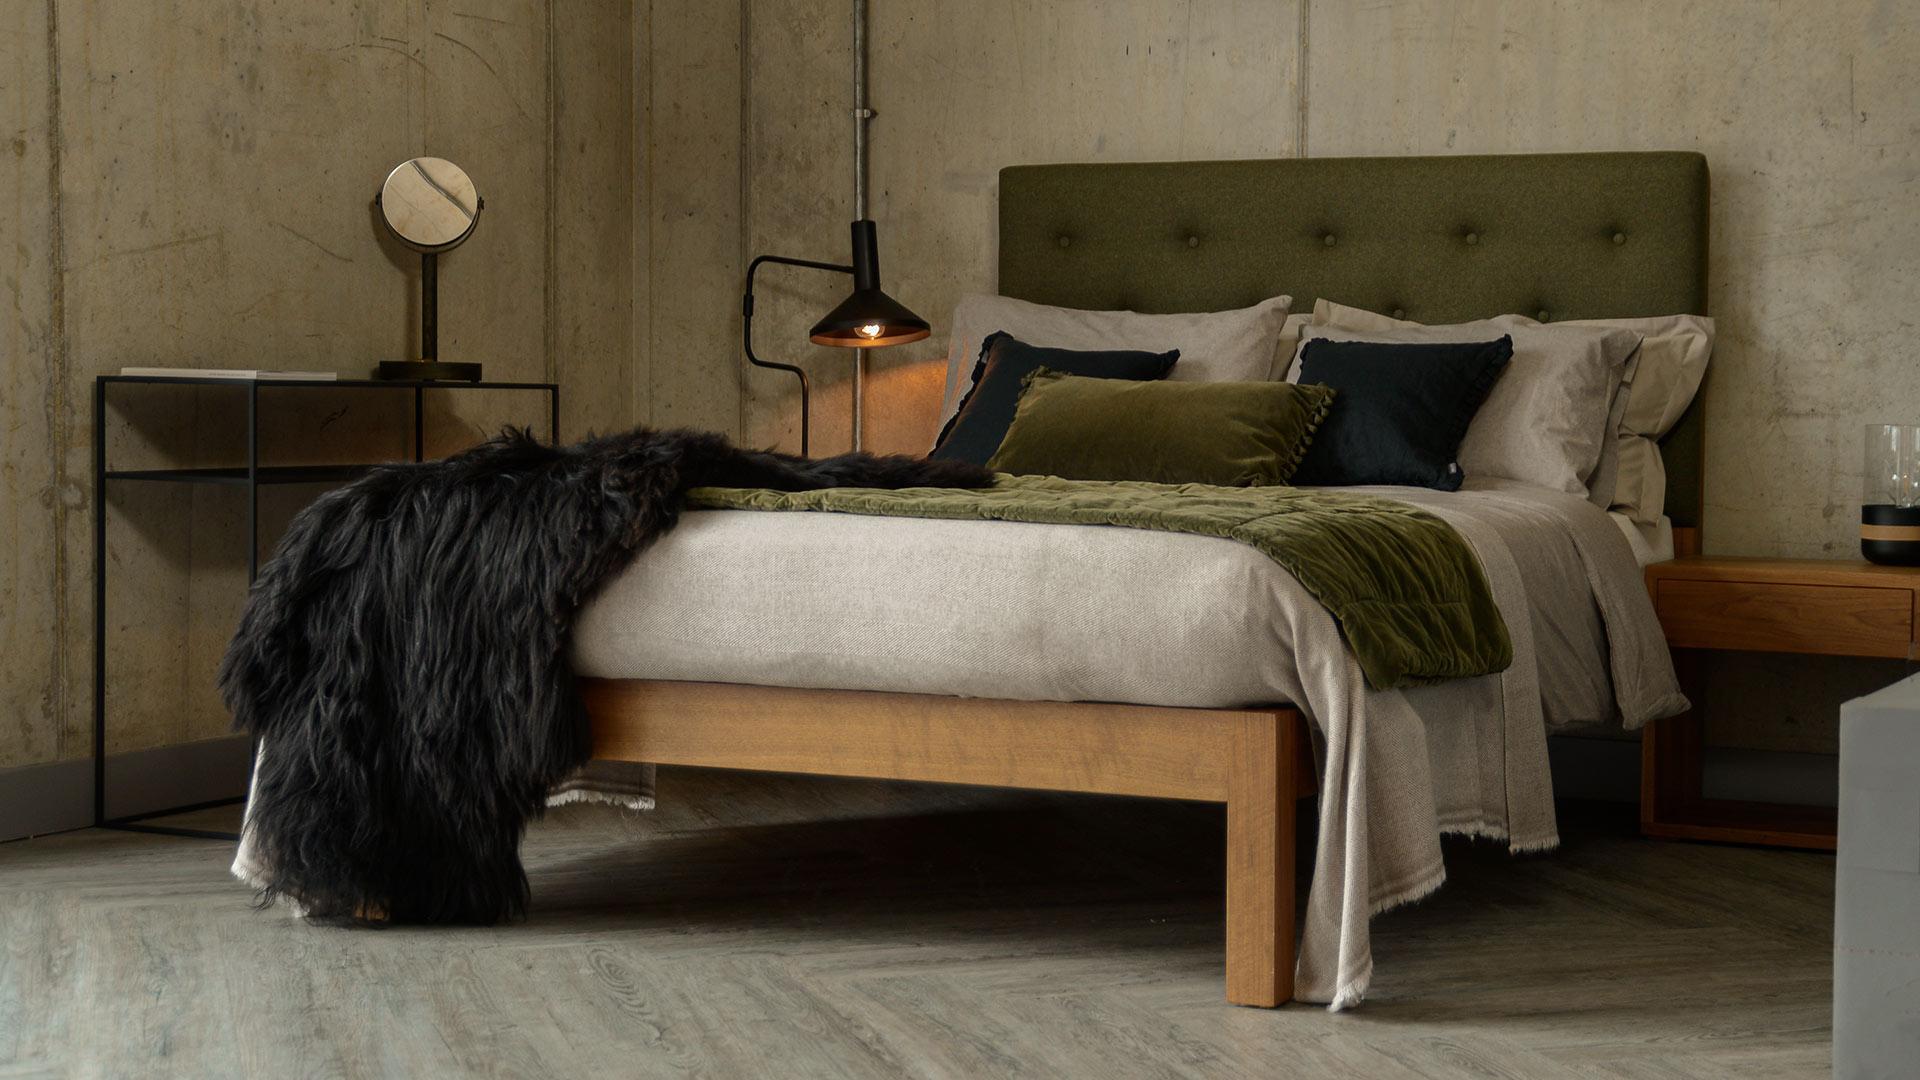 اهمیت ارتفاع تخت؛ به این دلایل بلندی تخت خواب شما مهم است!